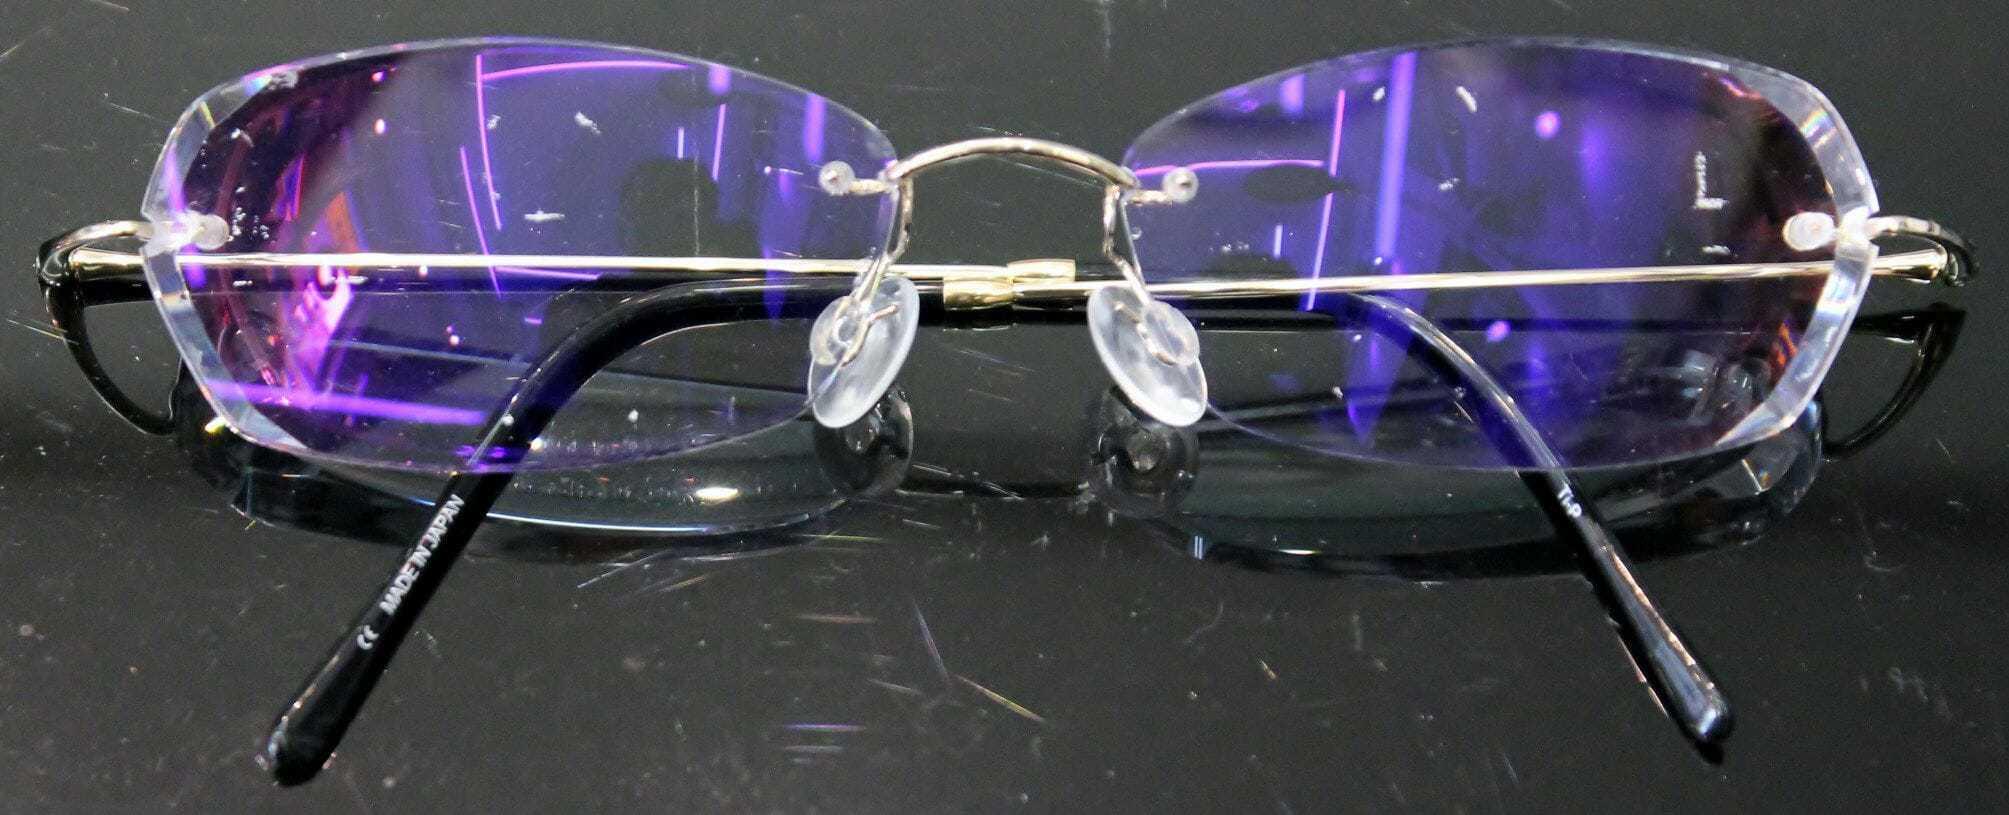 総重量14.5g 複合斜視縁無し眼鏡